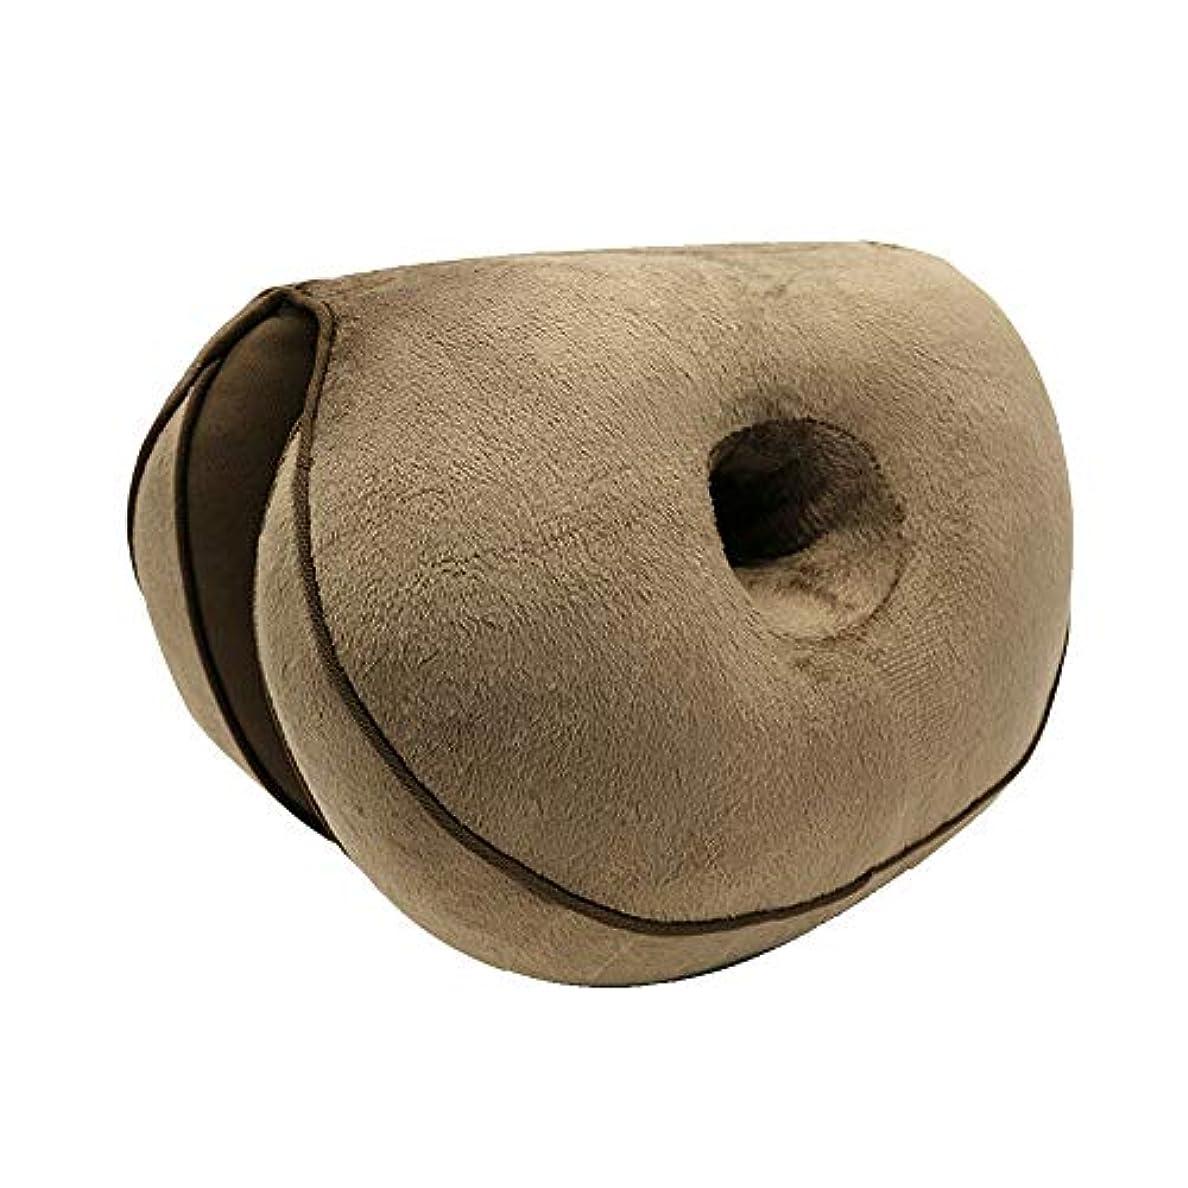 液体エスカレーター教えてLIFE 新デュアルシートクッション低反発ラテックスオフィスチェアバックシートクッション快適な臀部マットパッド枕旅行枕女性女の子 クッション 椅子